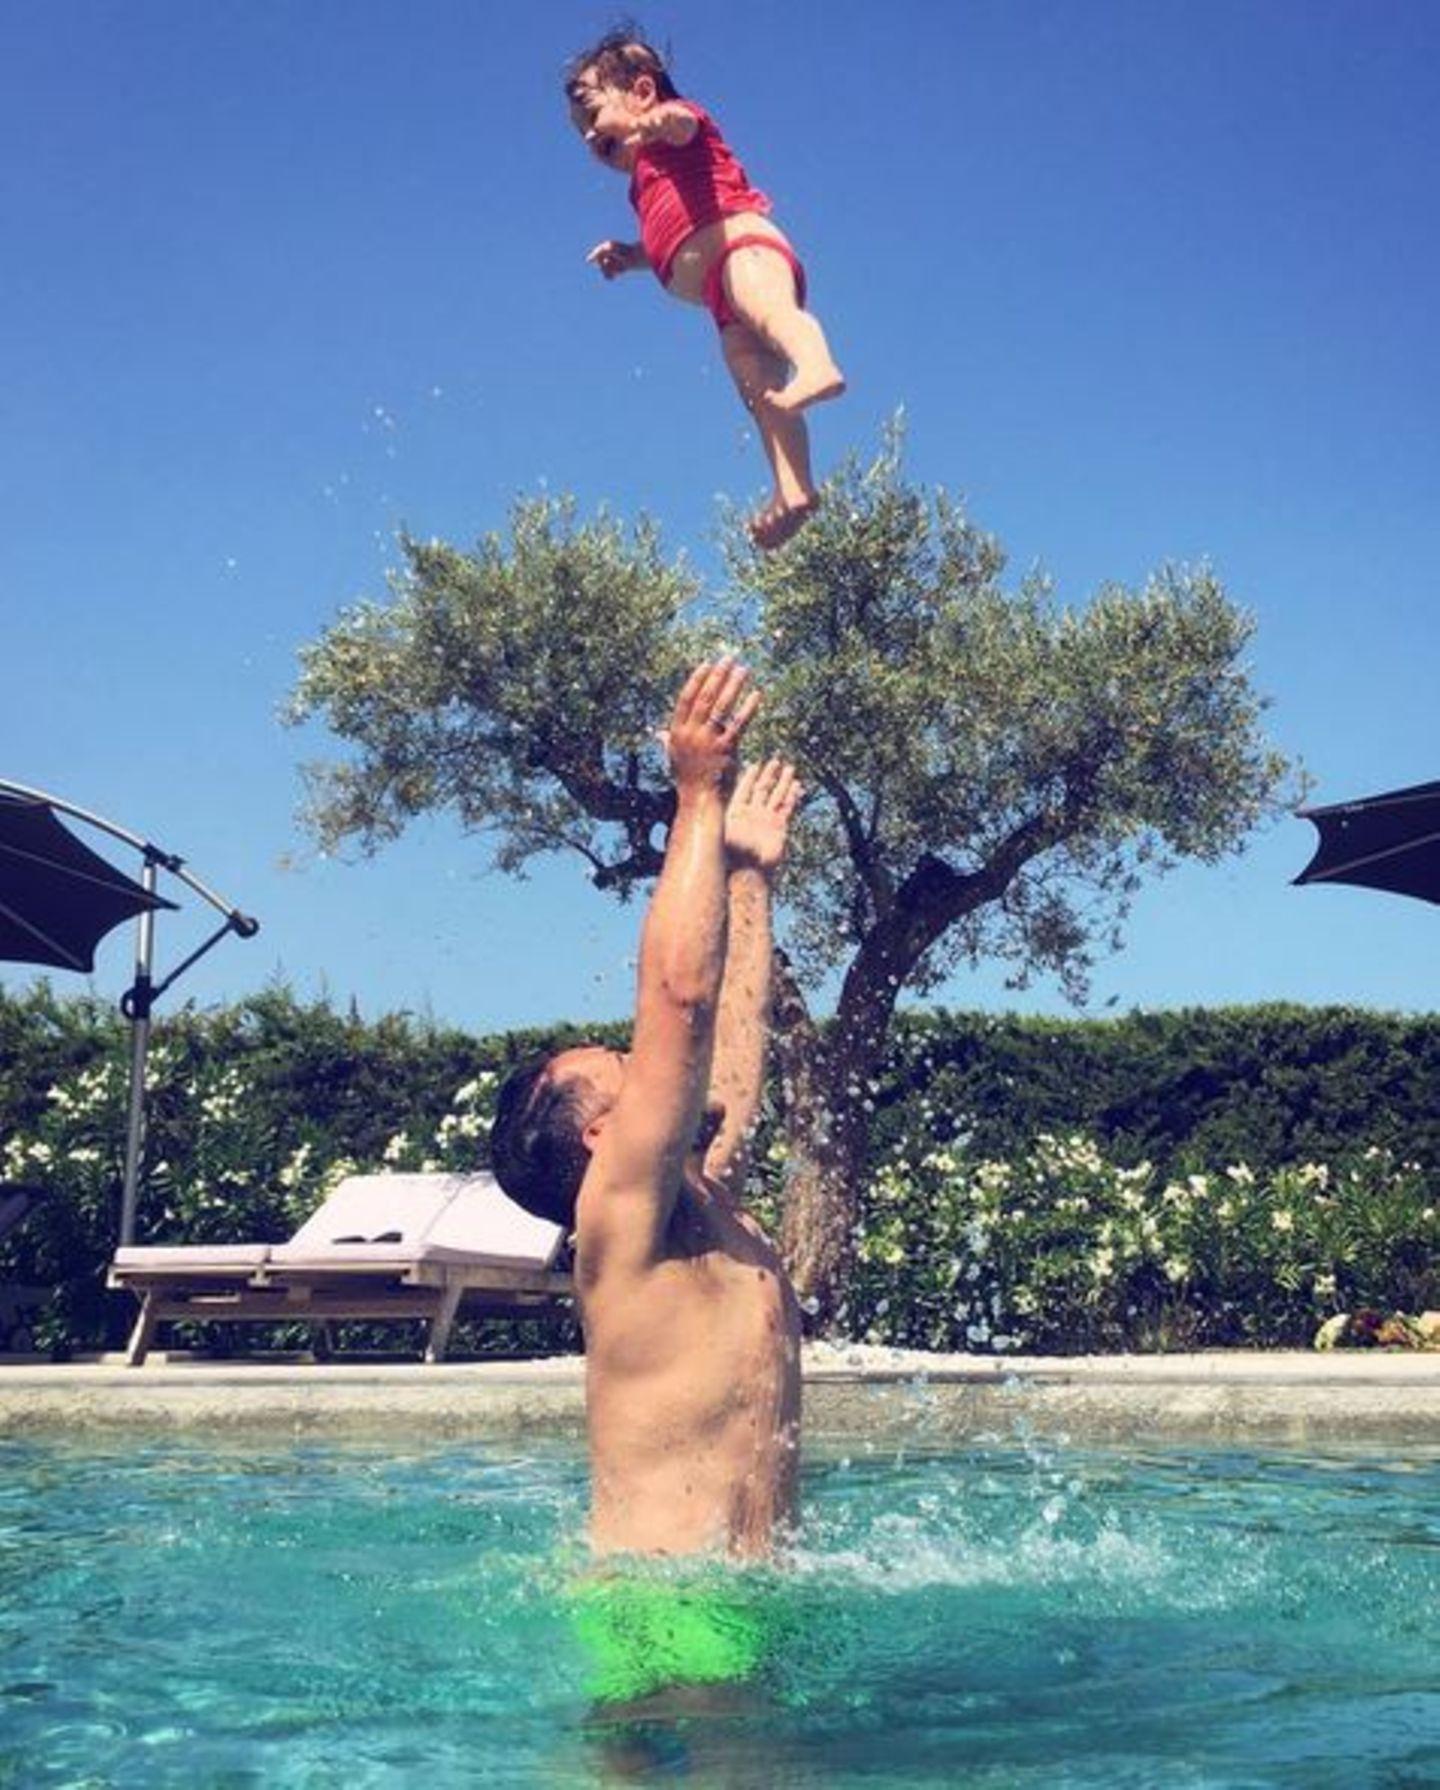 Flieg, Ioni, flieg: James Conran planscht mit Tochter Ioni im Pool und schmeißt sie in die Lüfte. Die Kleine hat dabei sichtlich viel Spaß.